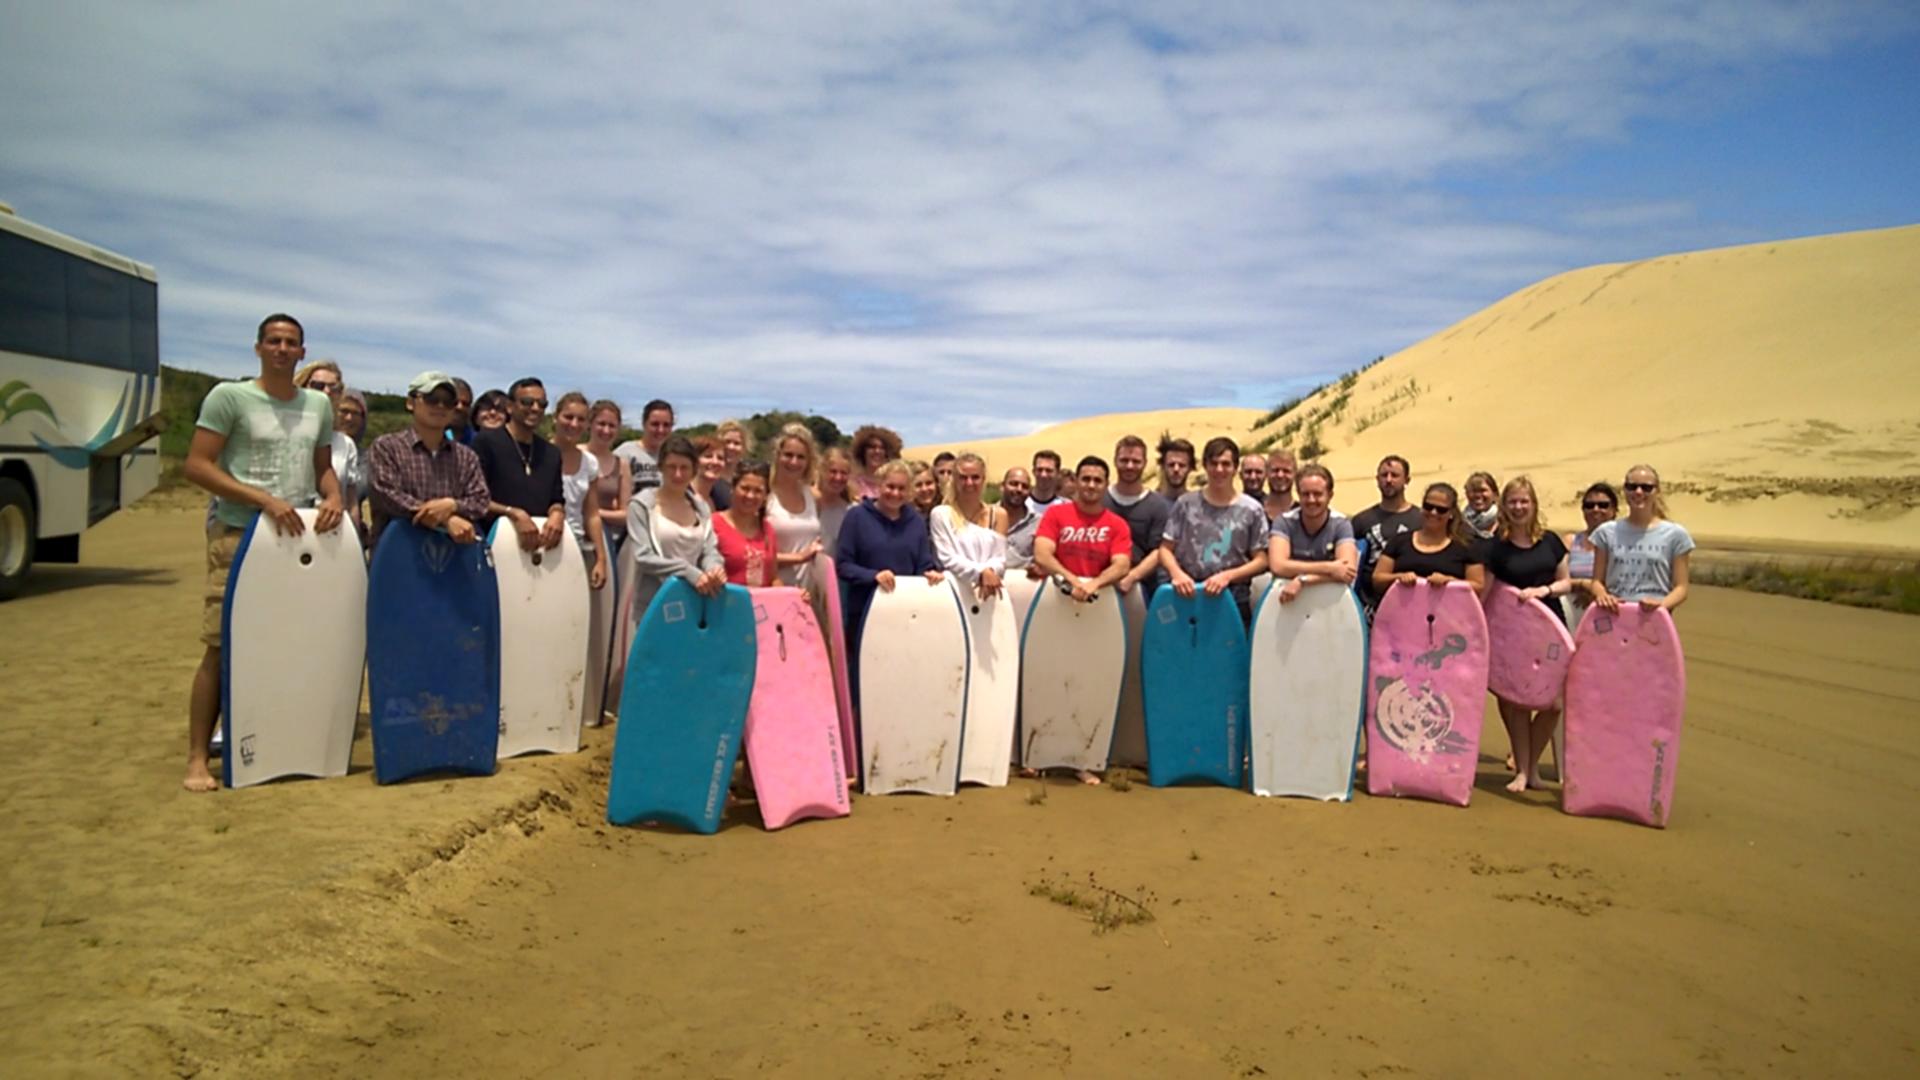 Mit einer richtig coolen Truppe ging es zum Sandboarden